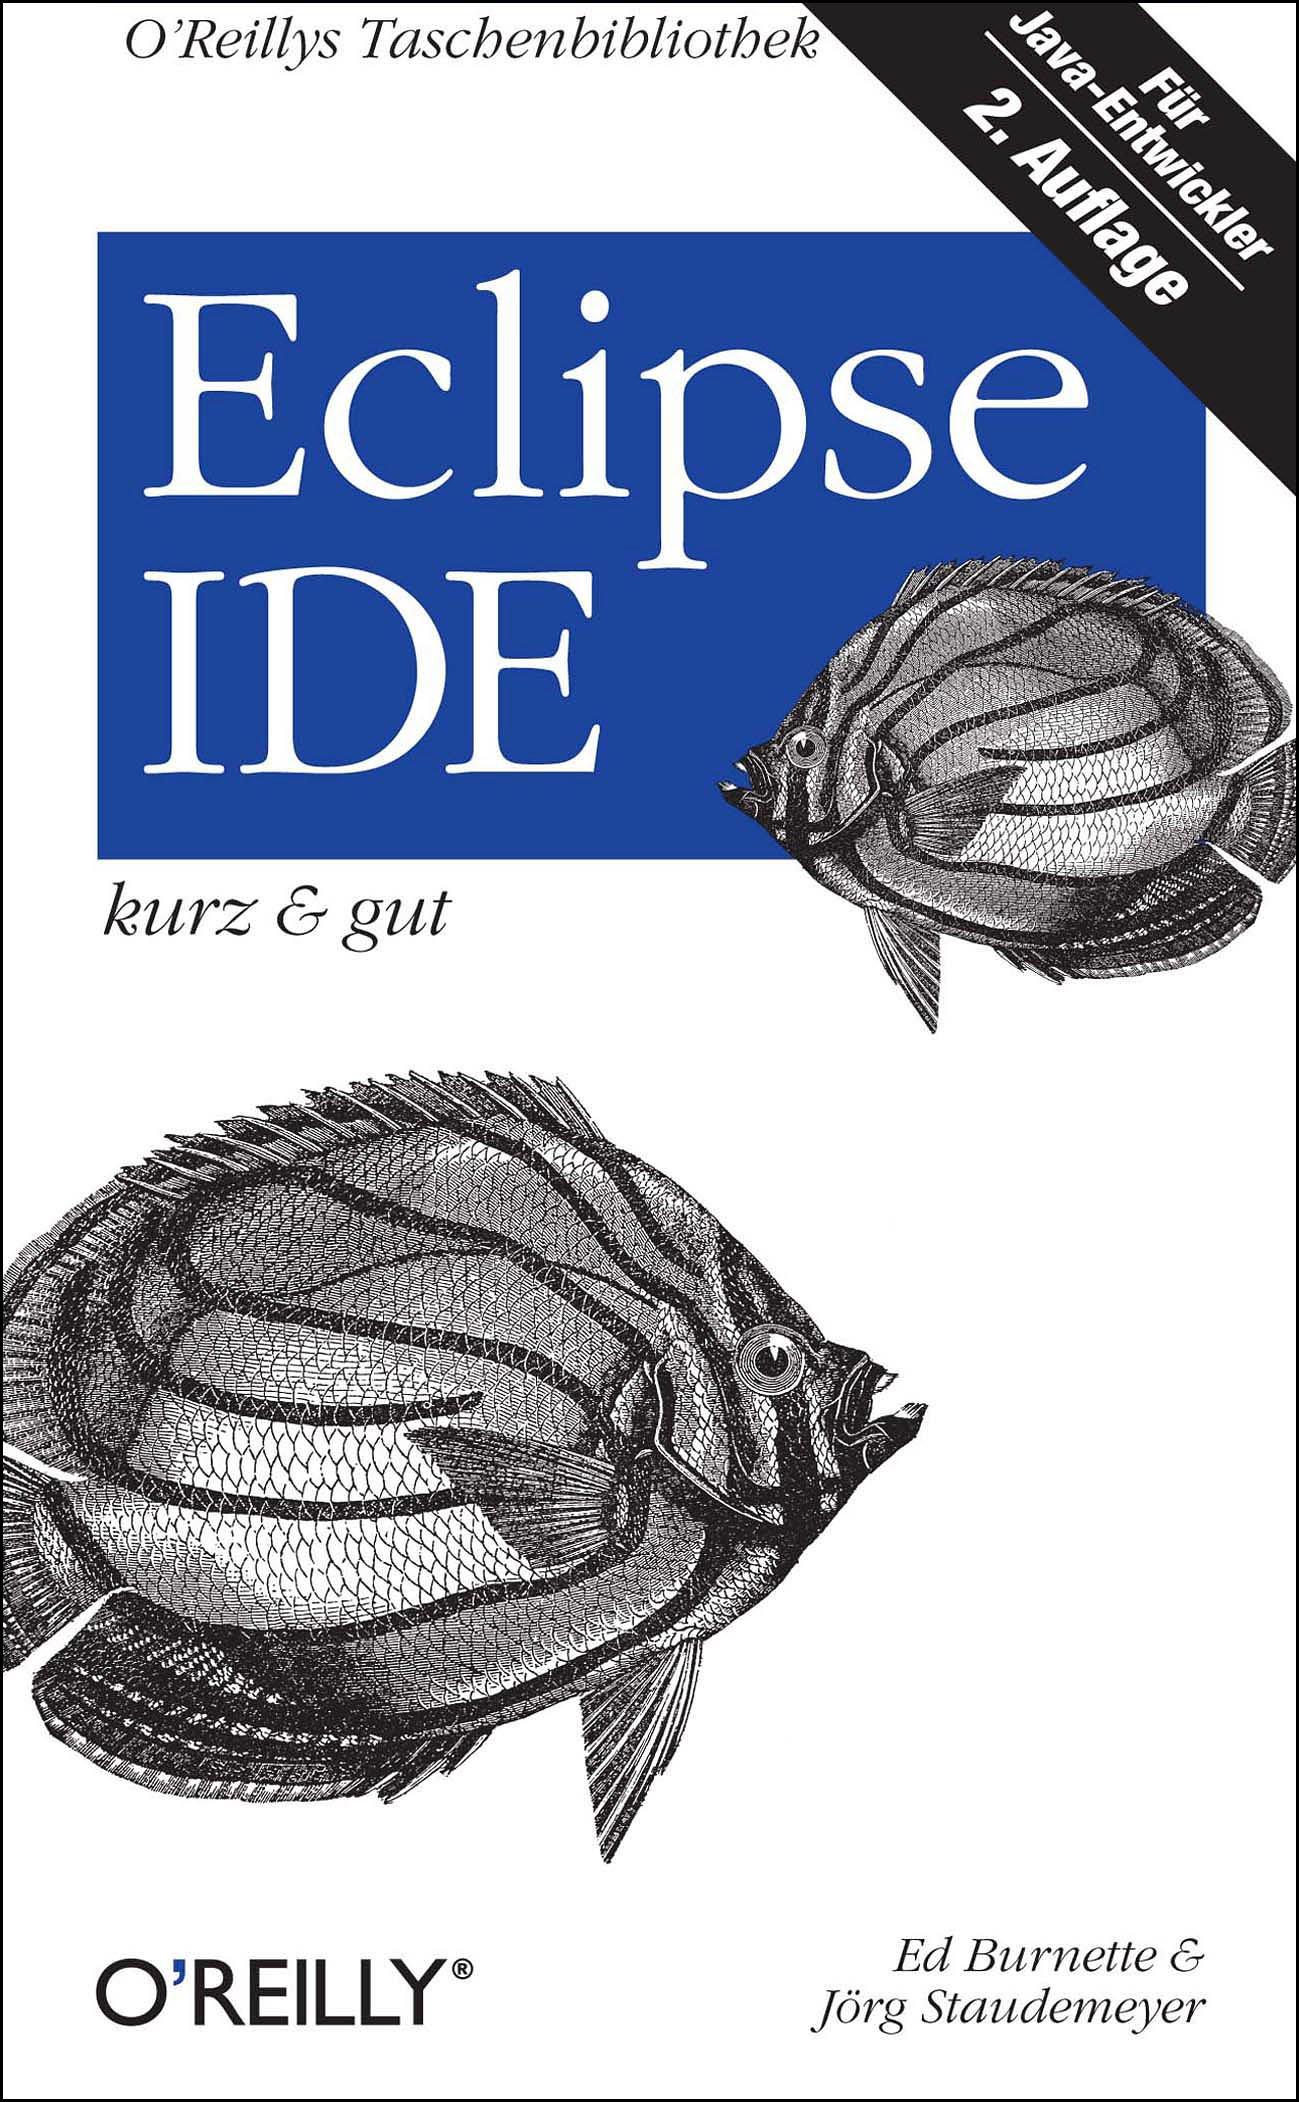 Eclipse IDE - kurz & gut Taschenbuch – 1. Oktober 2009 Ed Burnette Jörg Staudemeyer 3897215527 Programmiersprachen